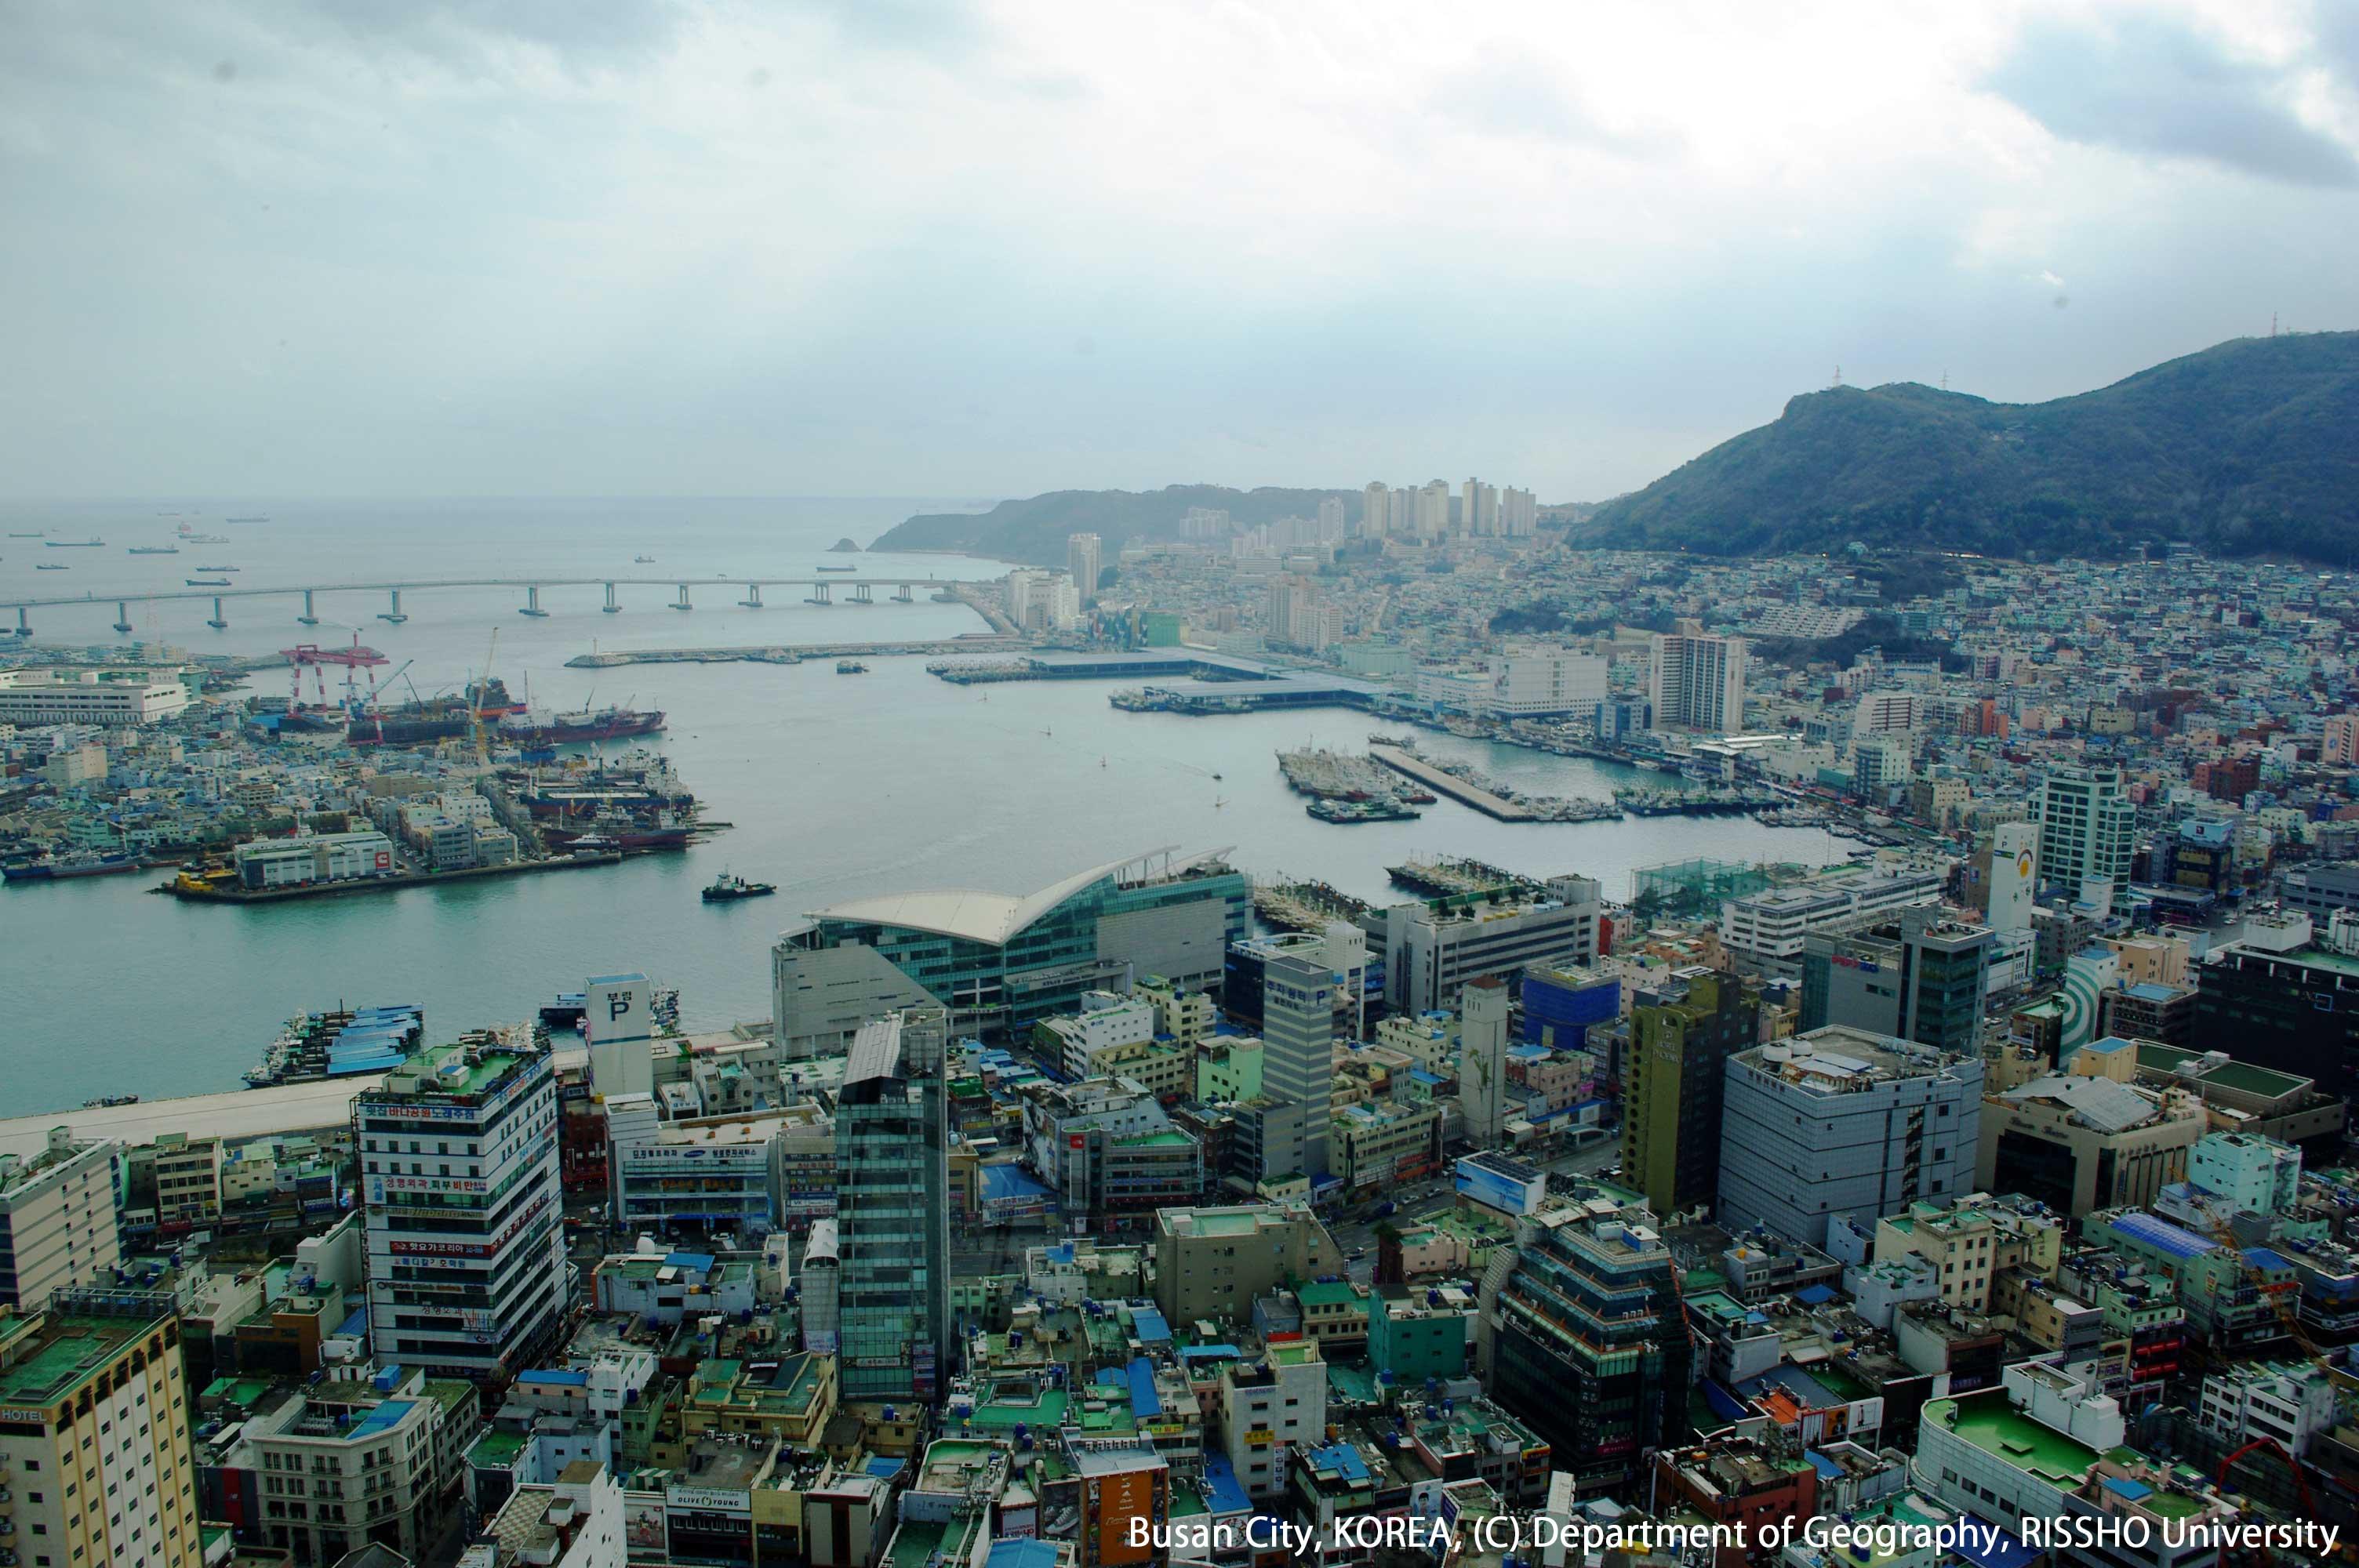 釜山タワーからの釜山市沿岸部の景観